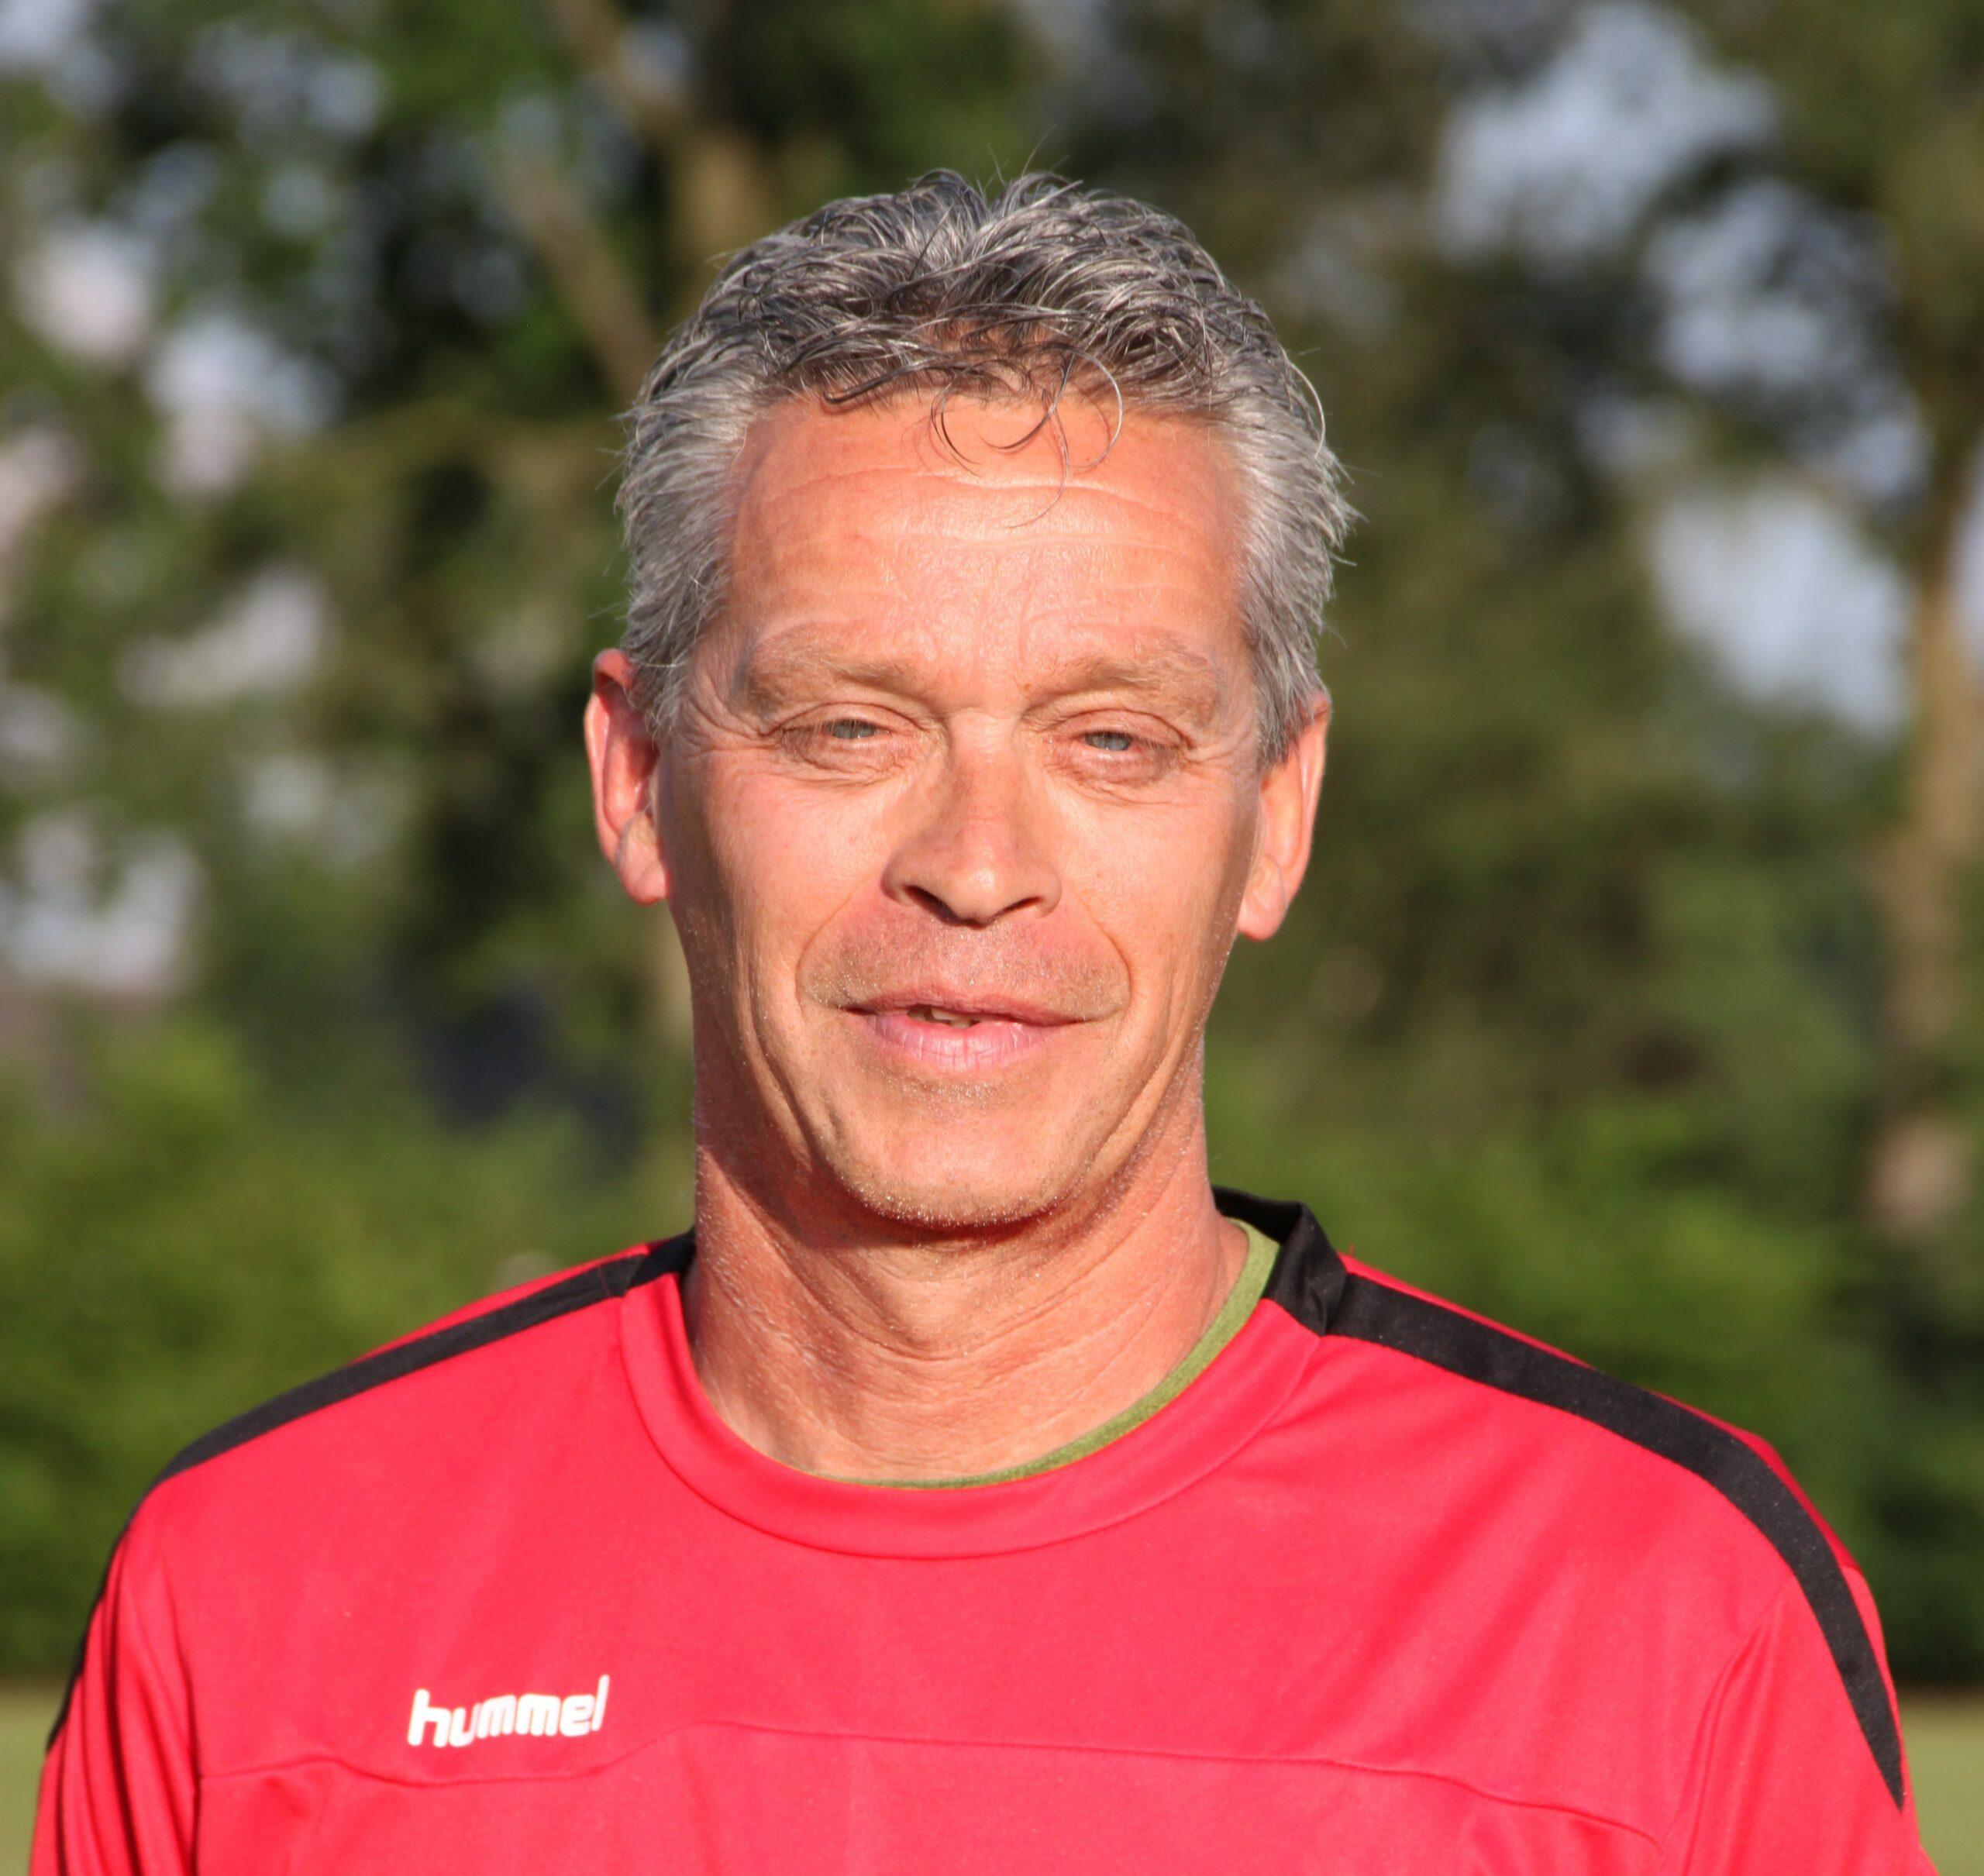 Wim Rijs